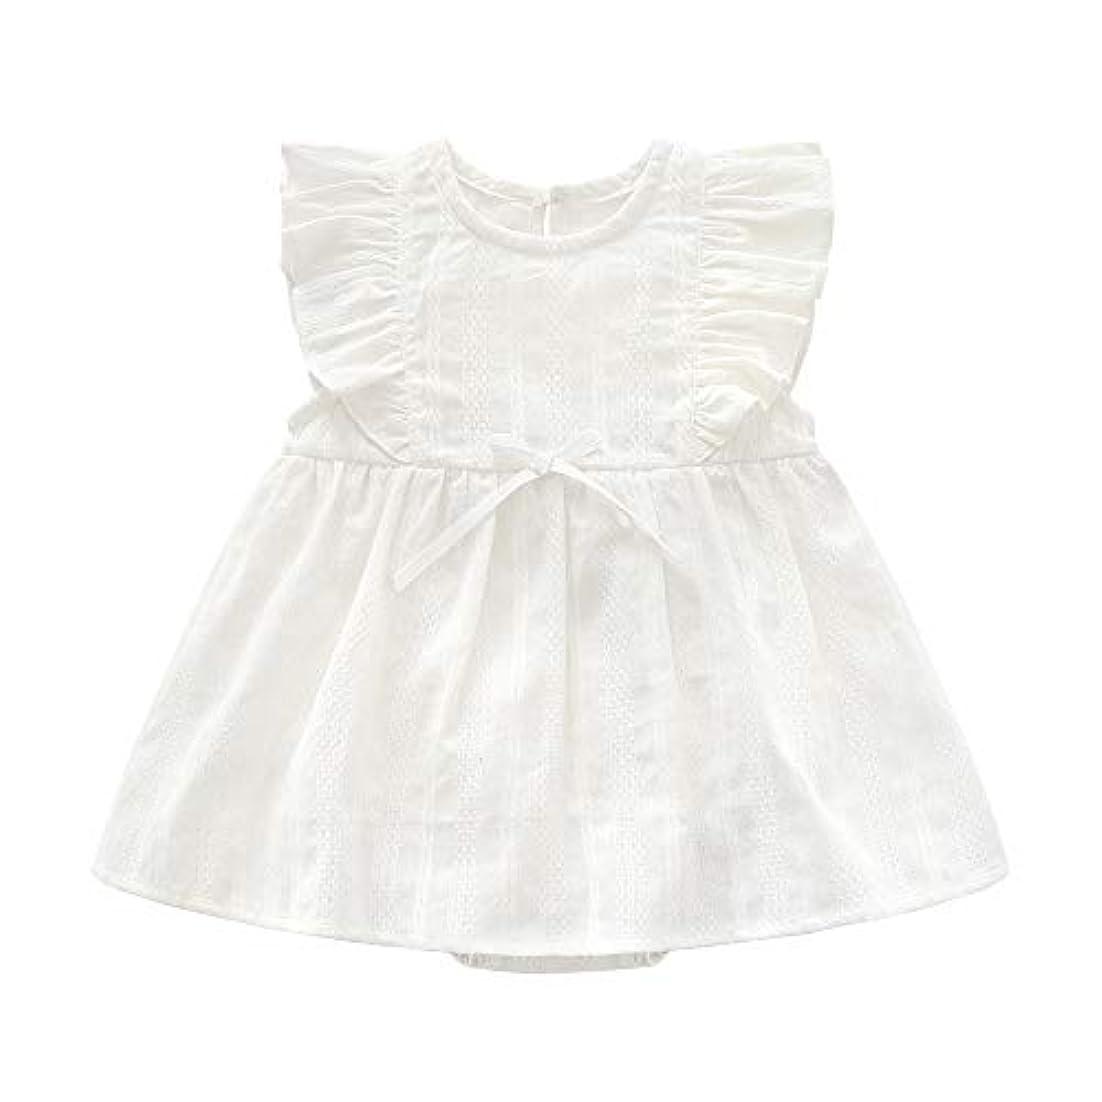 緩めるキャプテンブライ含意JunNeng ベビー スカート ワンピース ノースリーブ 夏 赤ちゃん服 ボディースーツ スカート付き フリル 無地 ロンパース 女の子 可愛い ホワイト 73cm